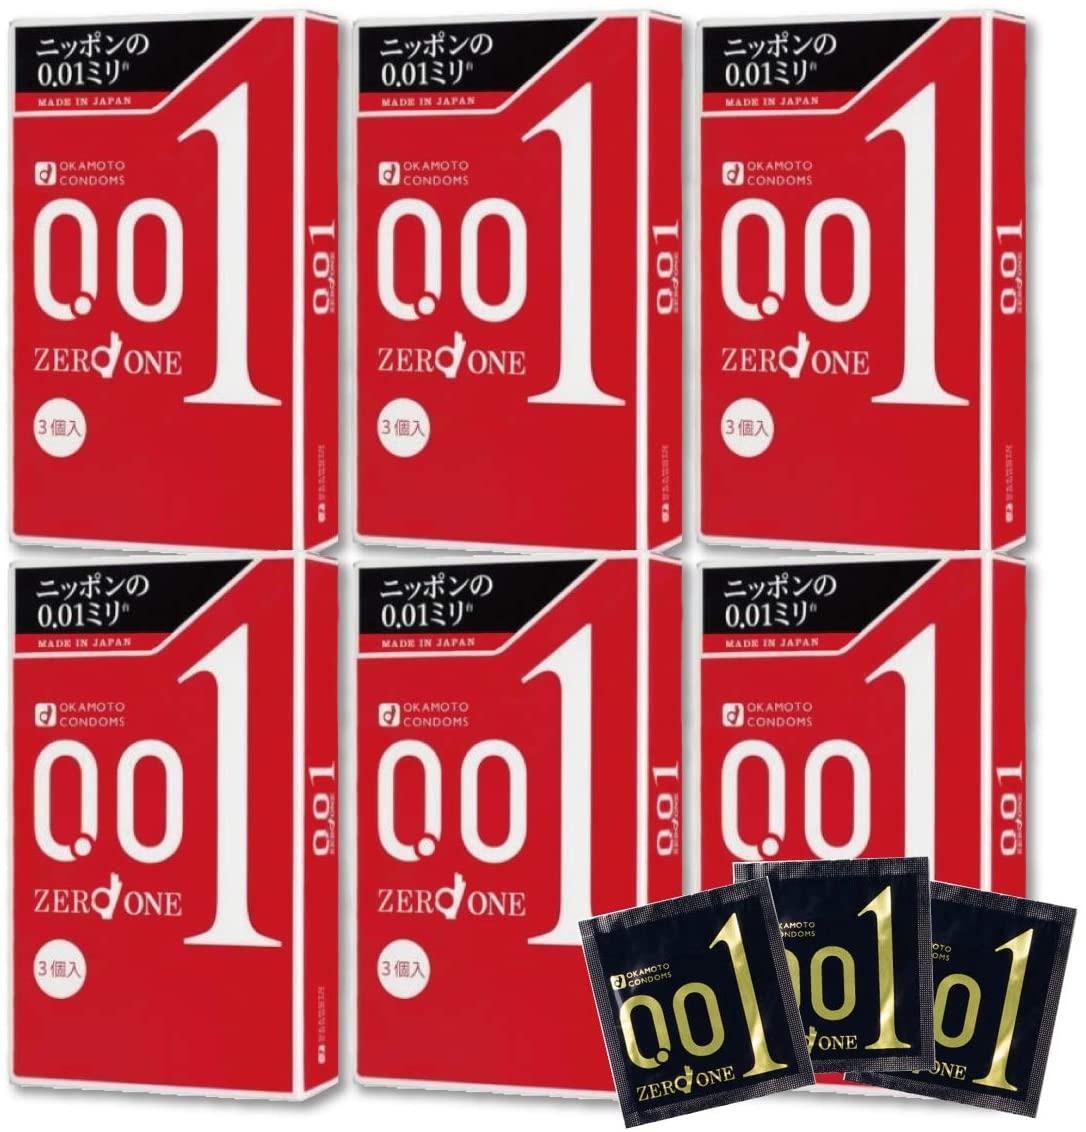 コンドーム オカモトゼロワン 0.01mm 日本製 オカモト 公式サイト ゼロワン 3個入 0.01 スタンダード 商品 6箱セット